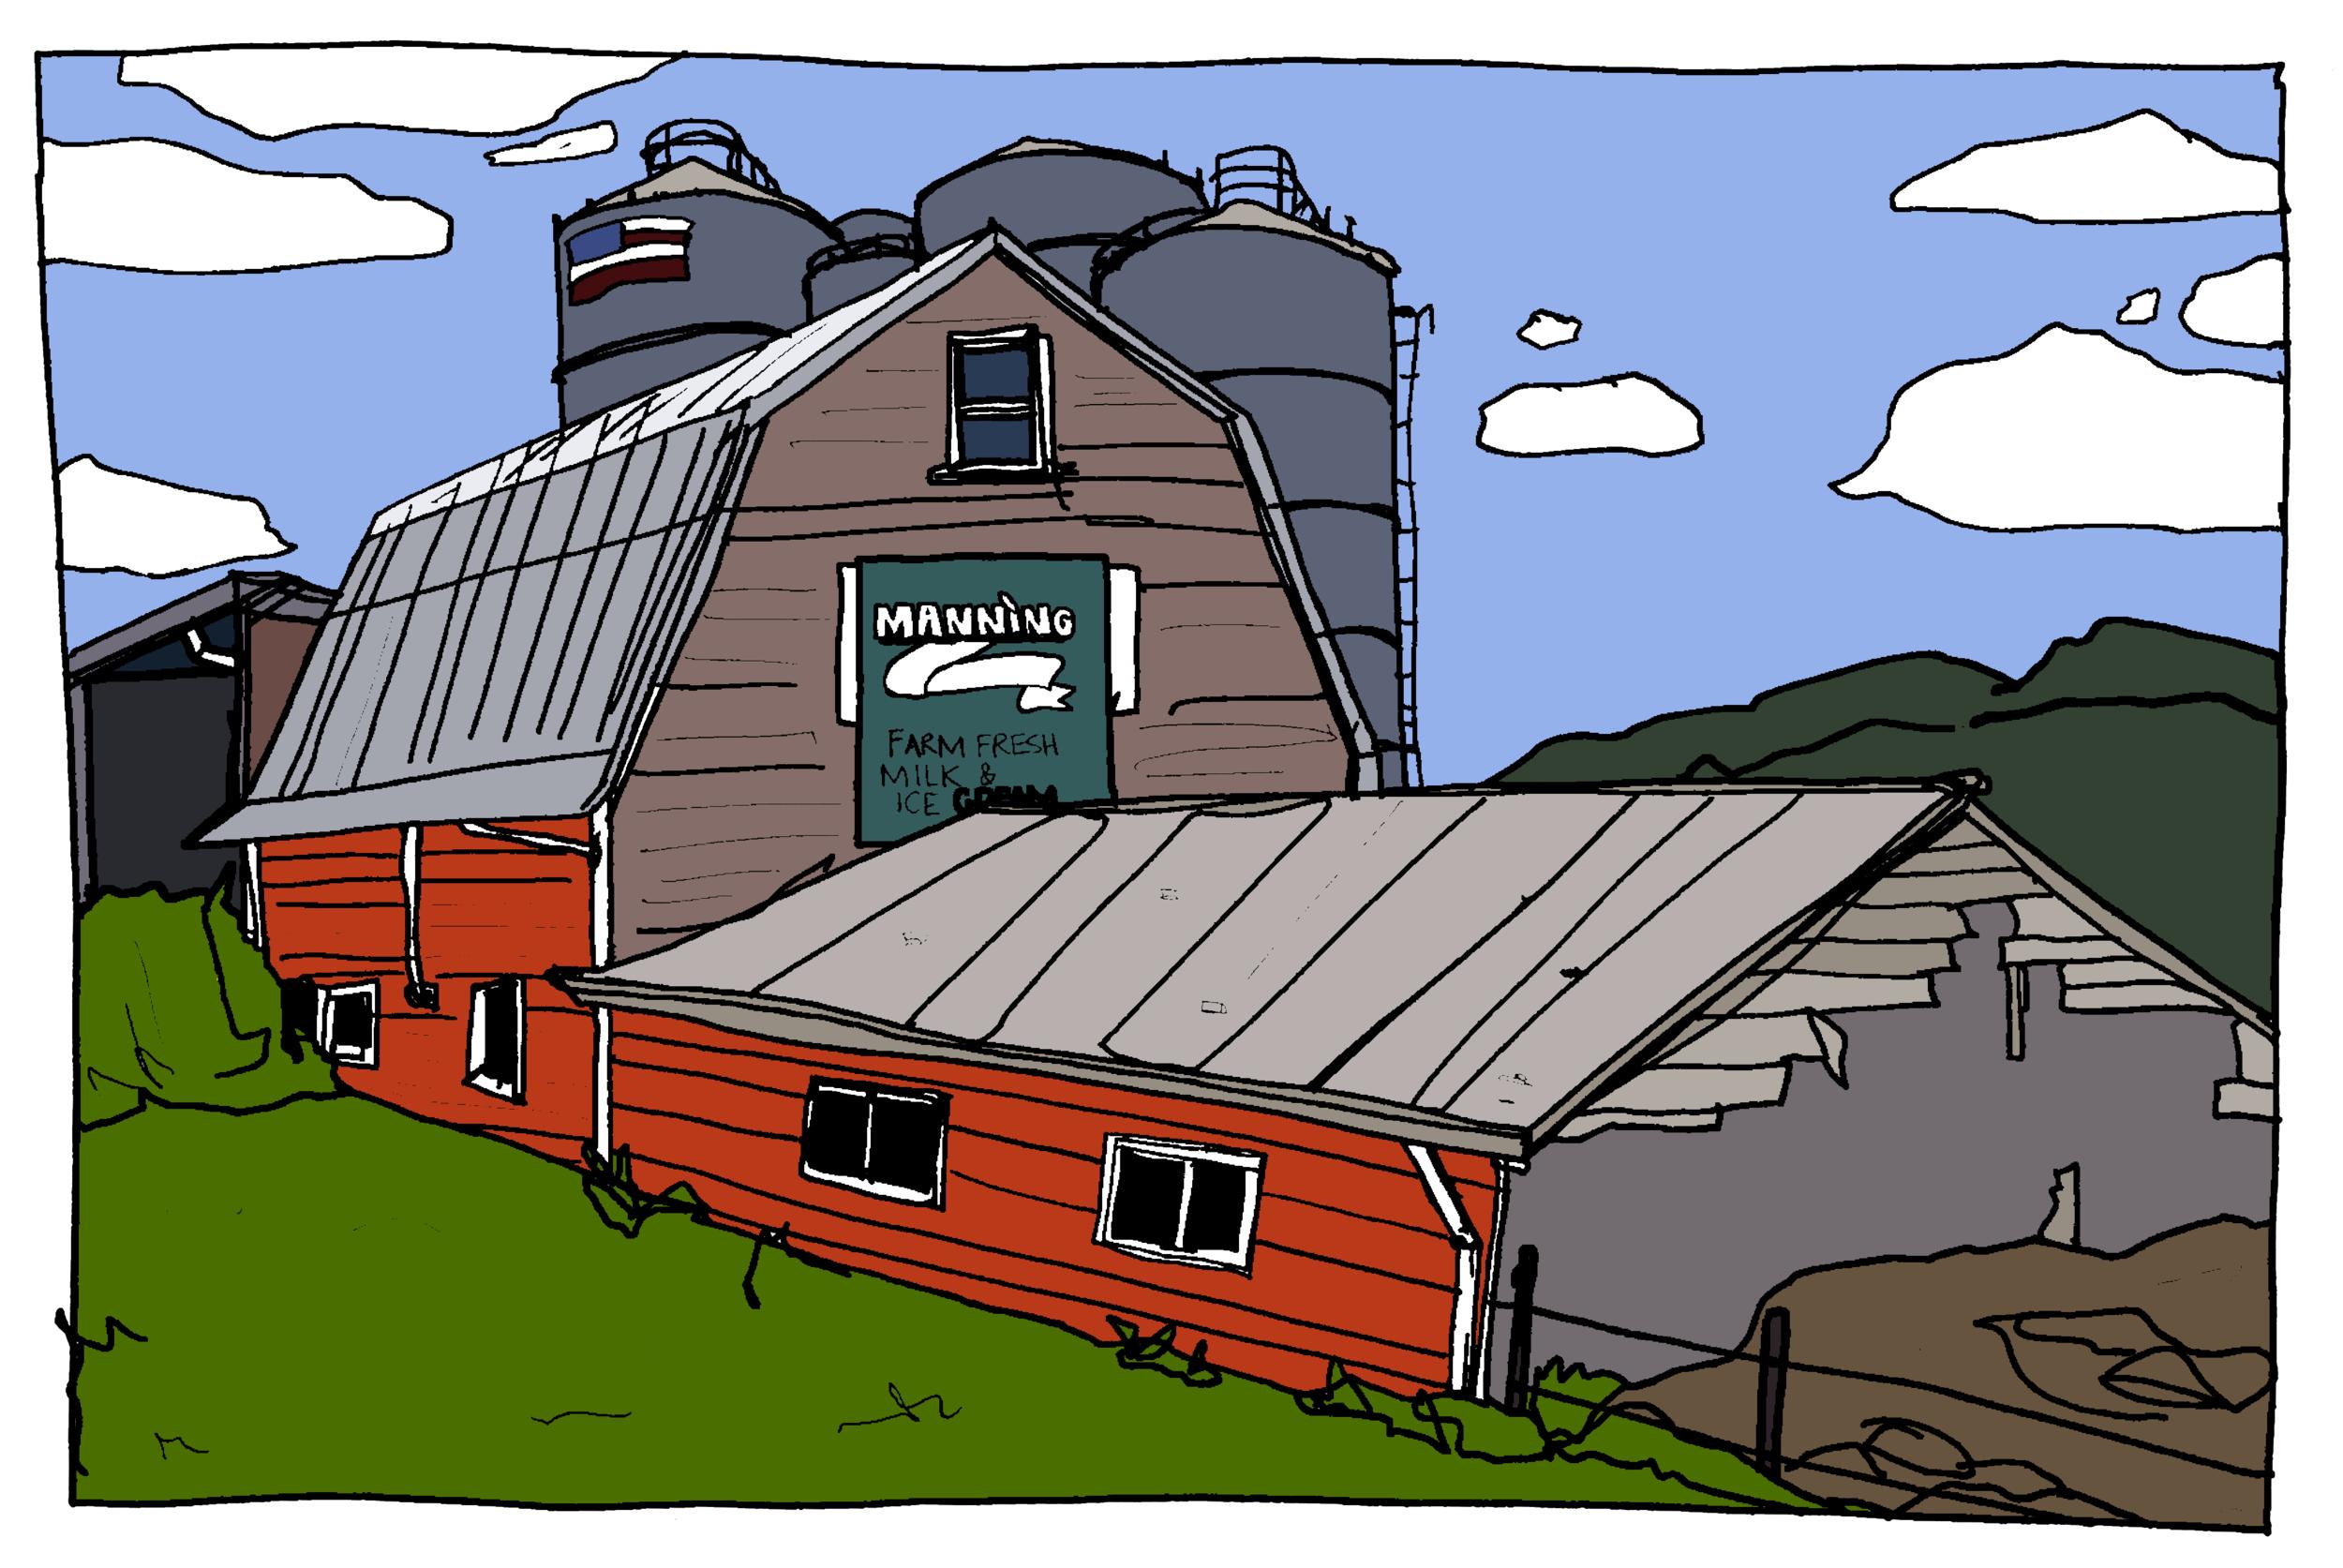 Manning Farm Dairy